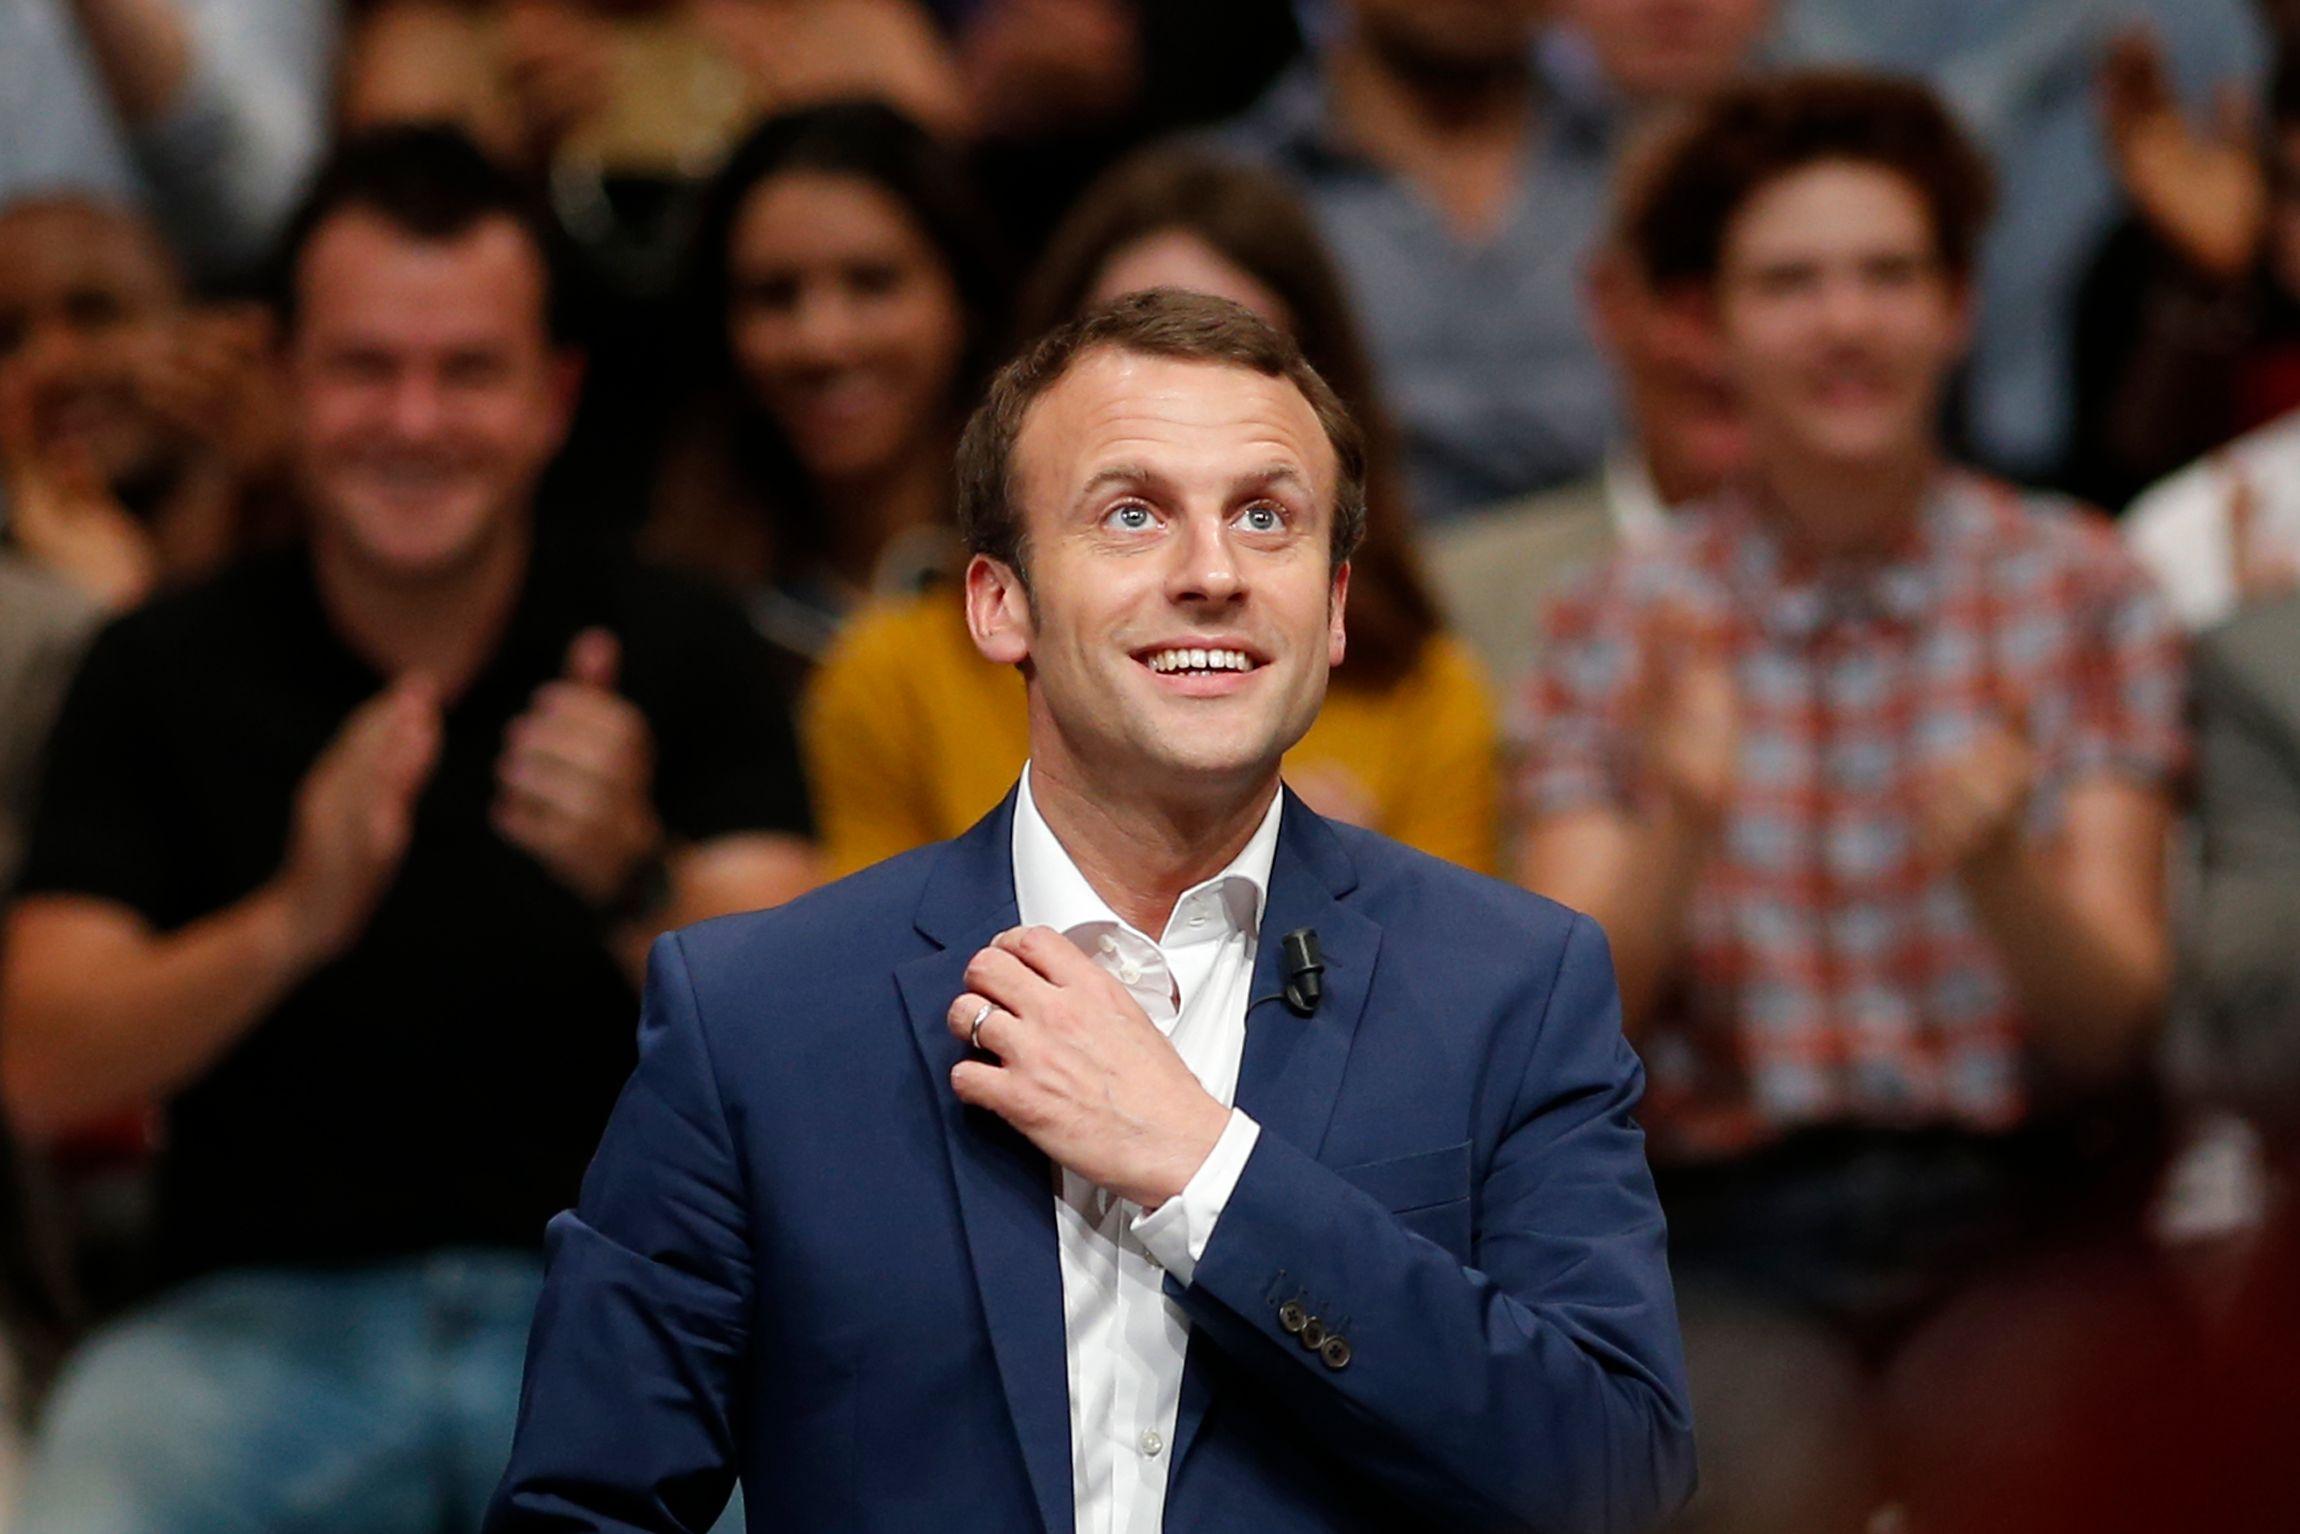 Emmanuel Macron pense qu'il faut plus flexibiliser le marché du travail, réduire le nombre de fonctionnaires et affaiblir le modèle social pour accorder l'économie française à la mondialisation.